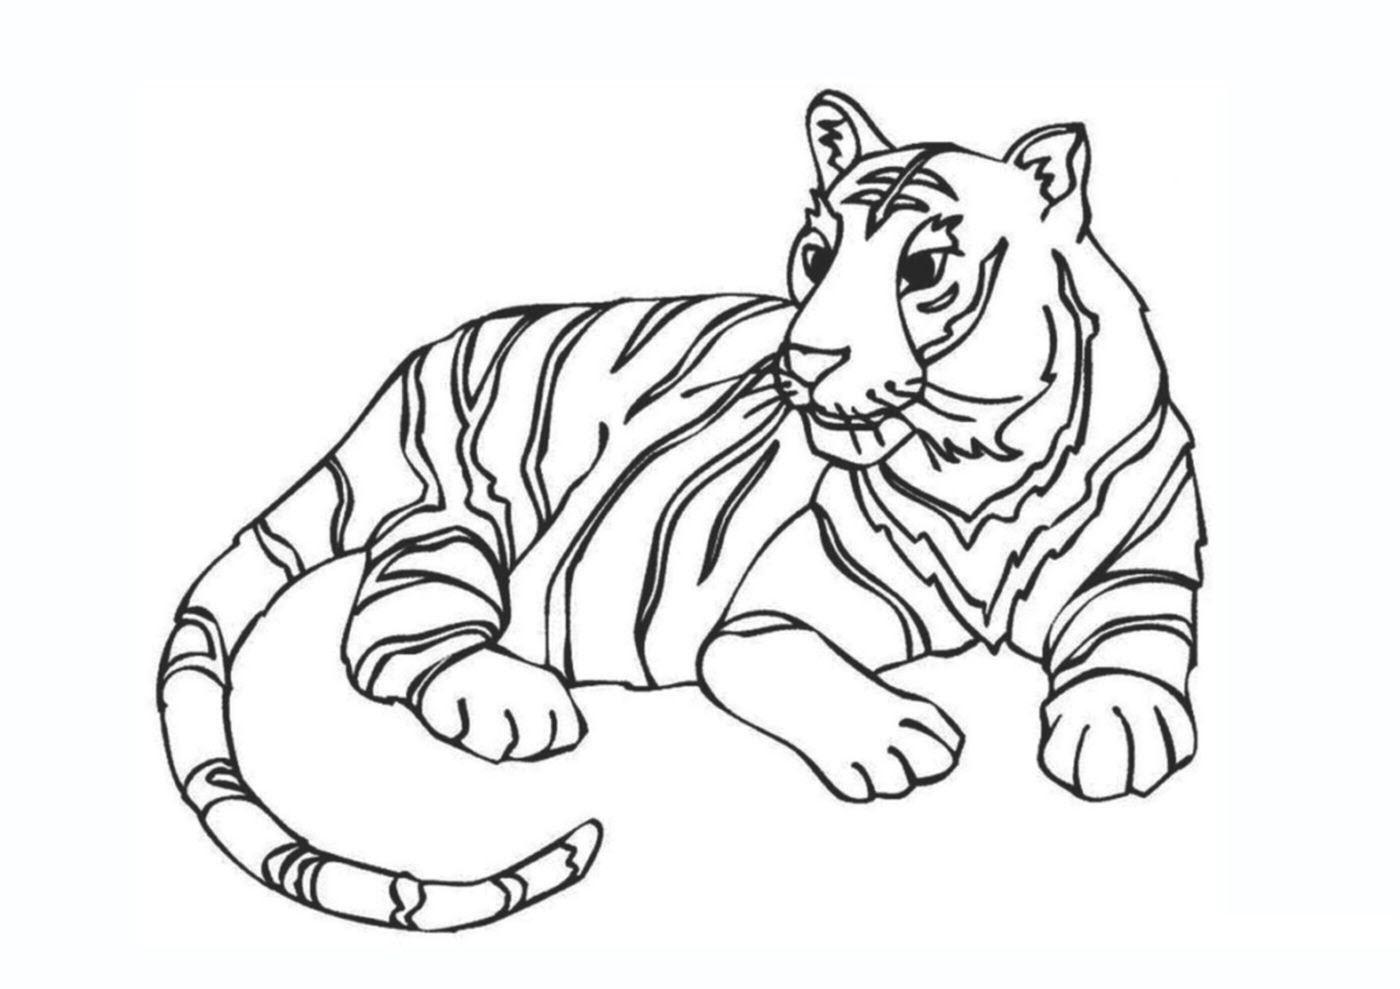 Tranh tô màu con hổ đang nằm